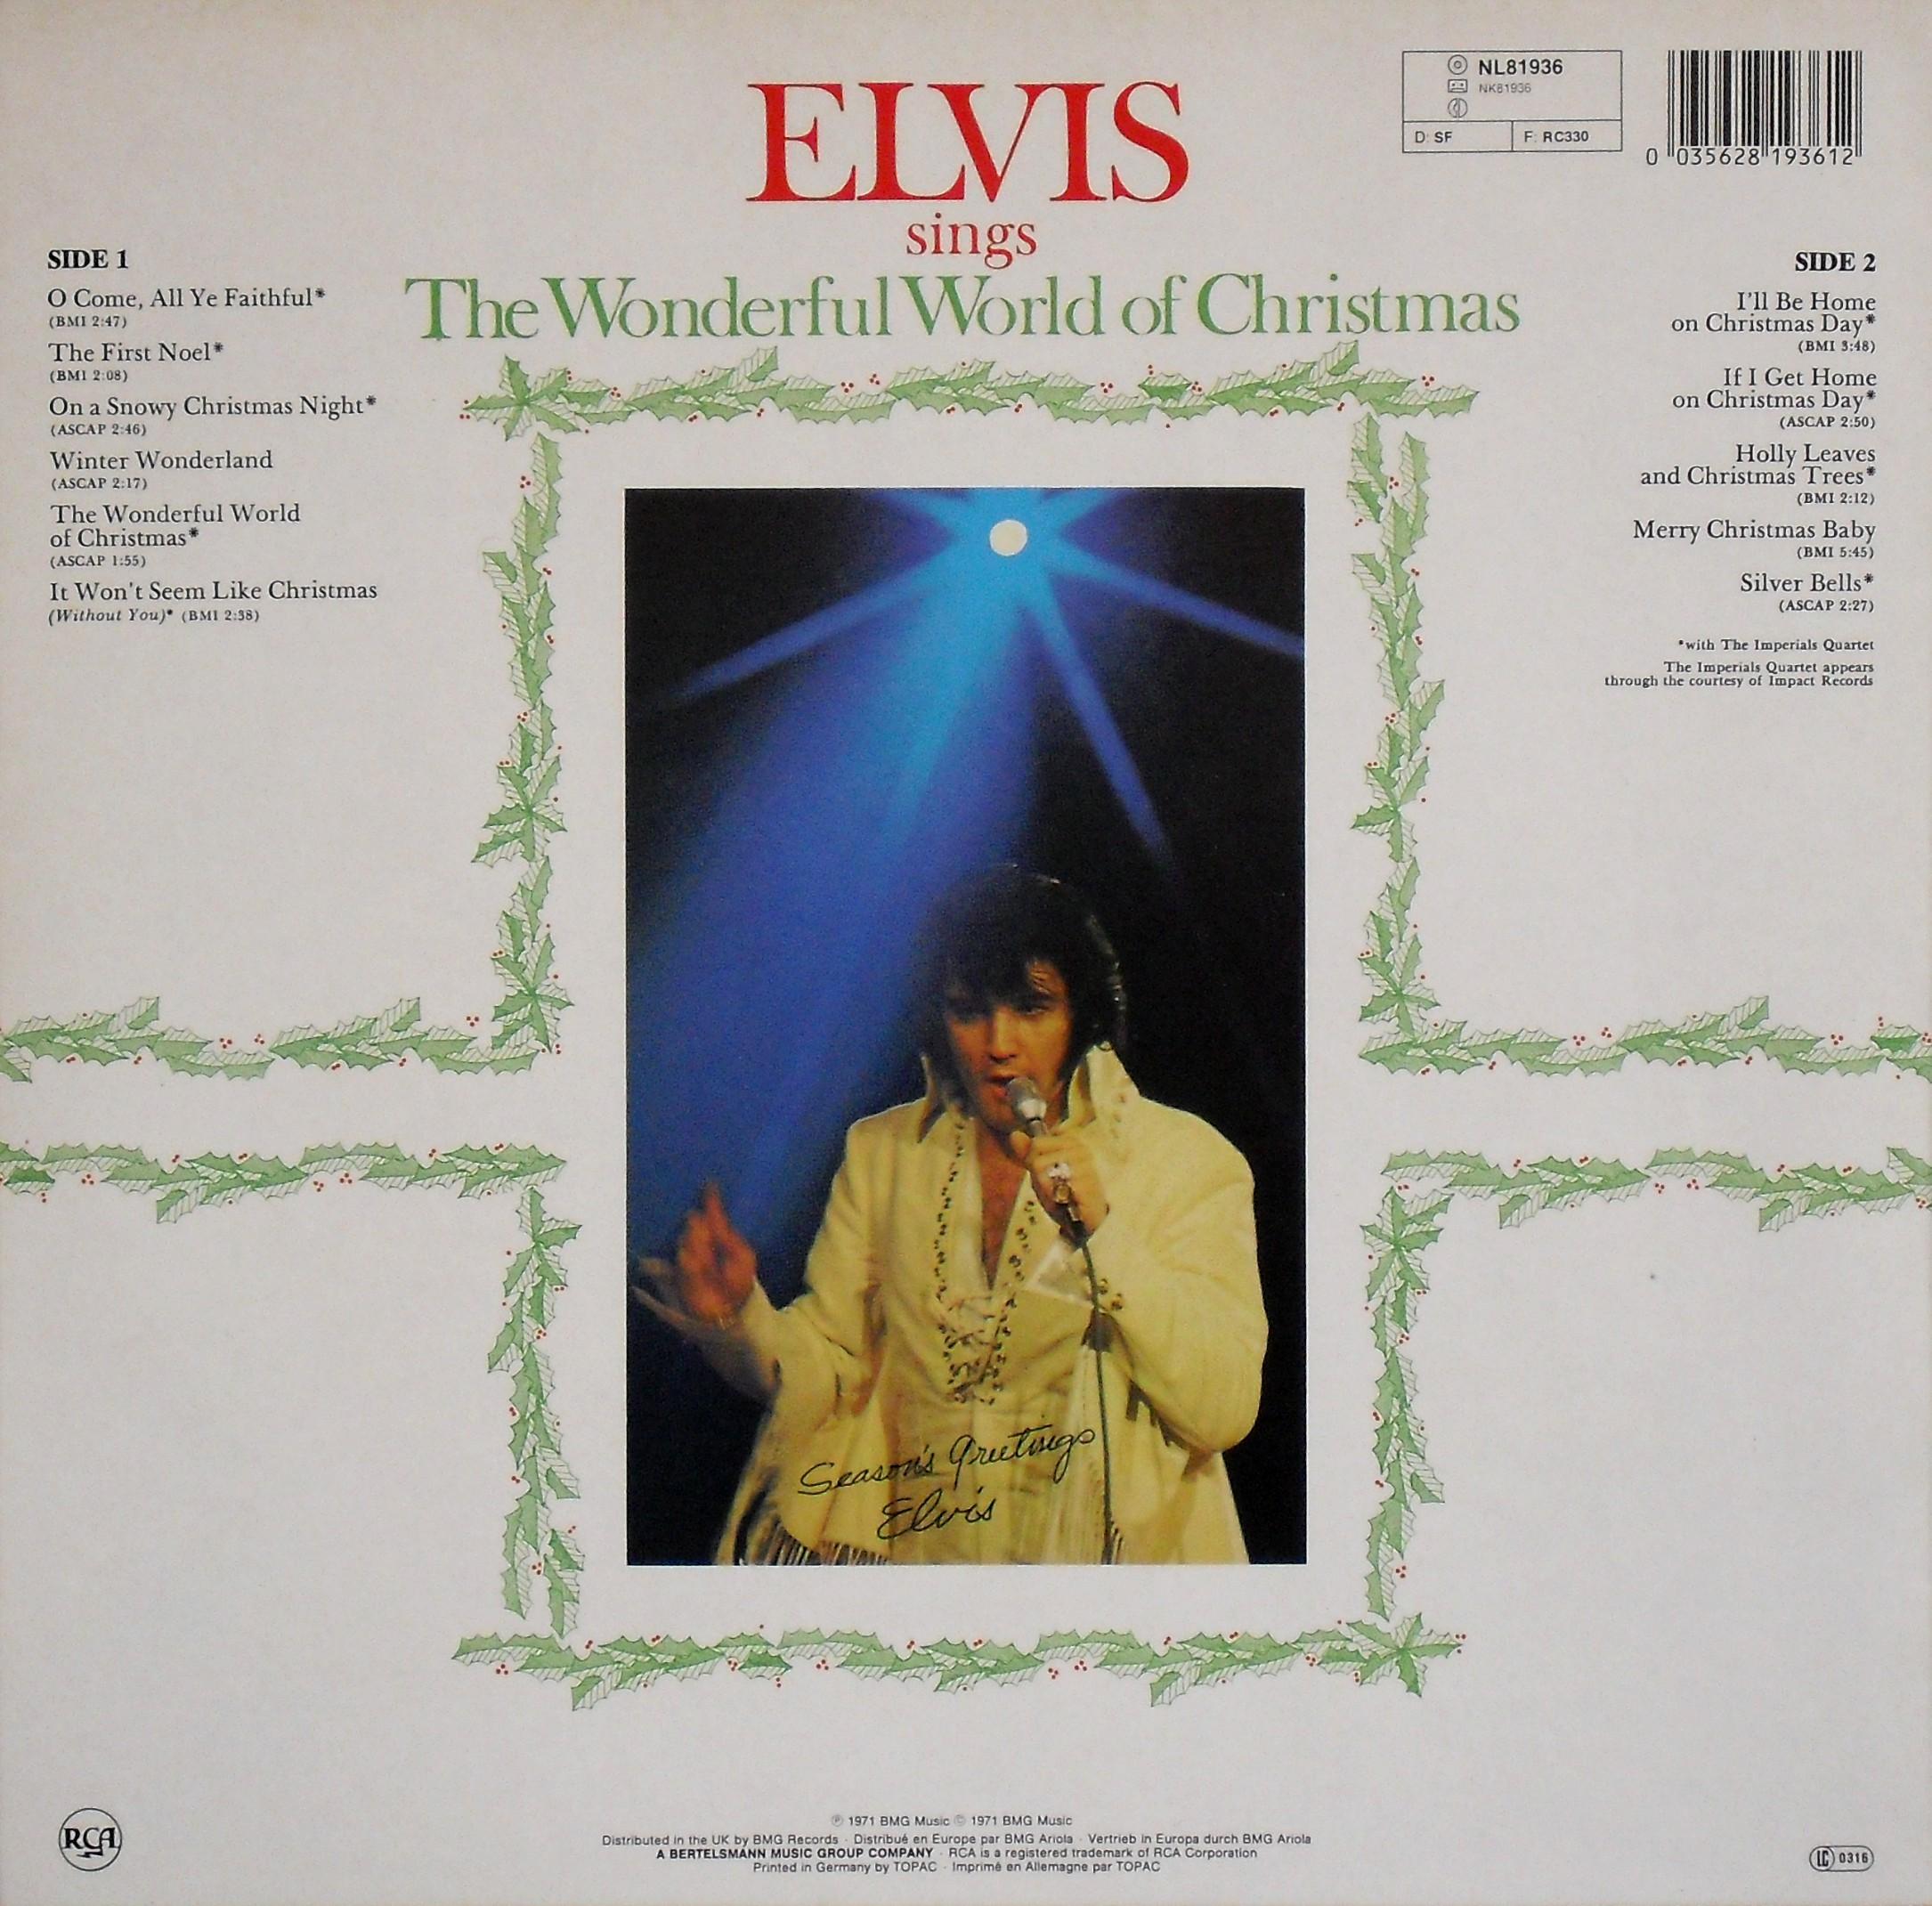 ELVIS SINGS THE WONDERFUL WORLD OF CHRISTMAS 0250p92